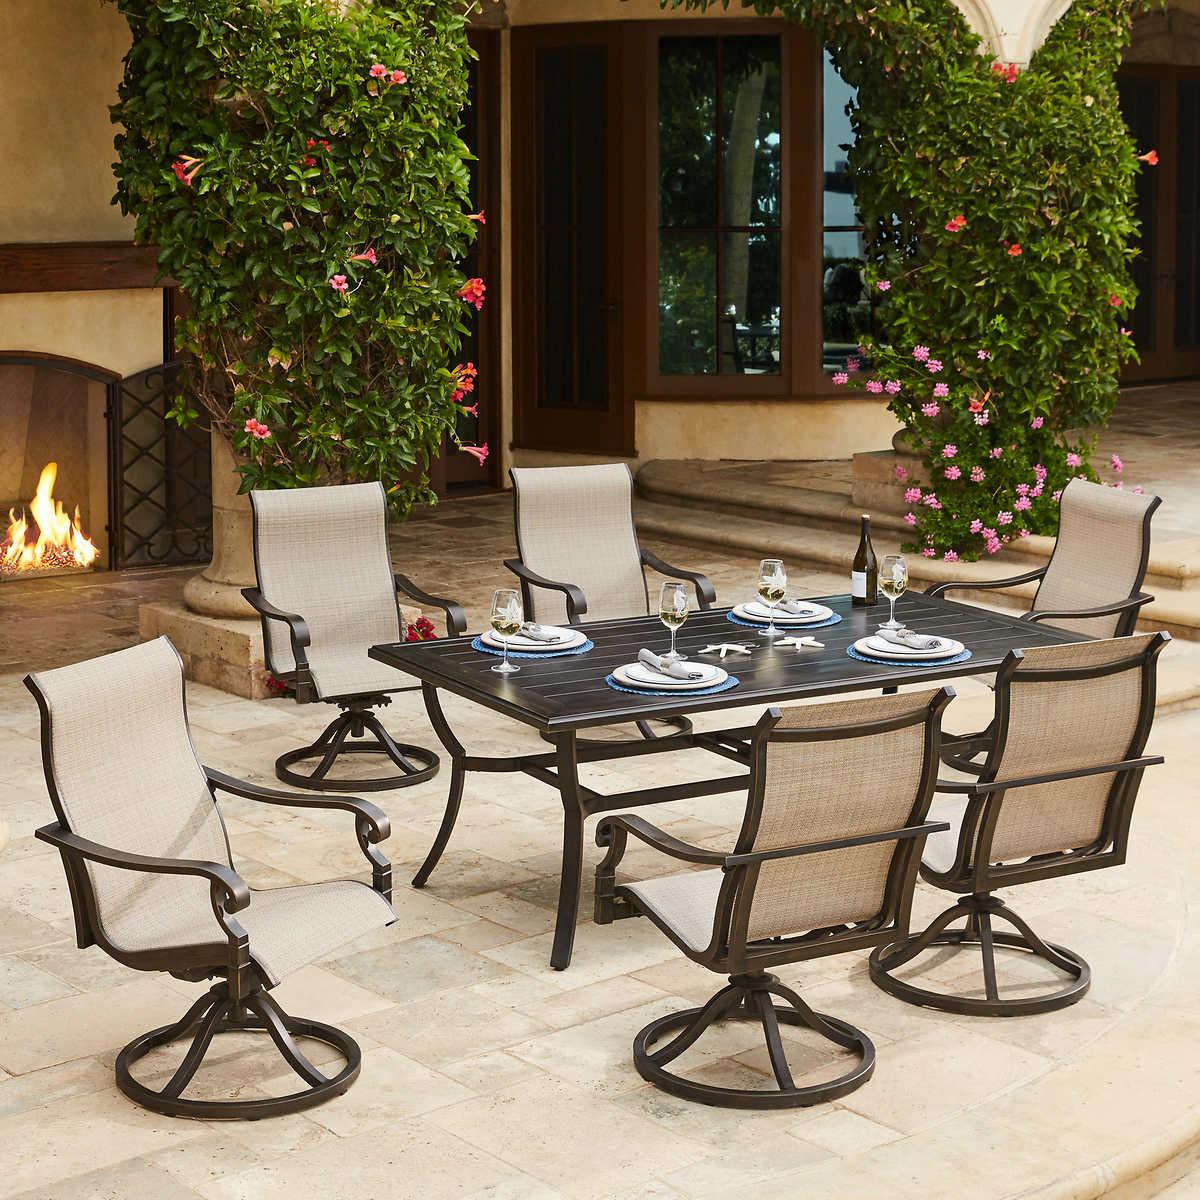 Patio furniture sets costco - Patio Furniture Sets Costco 47